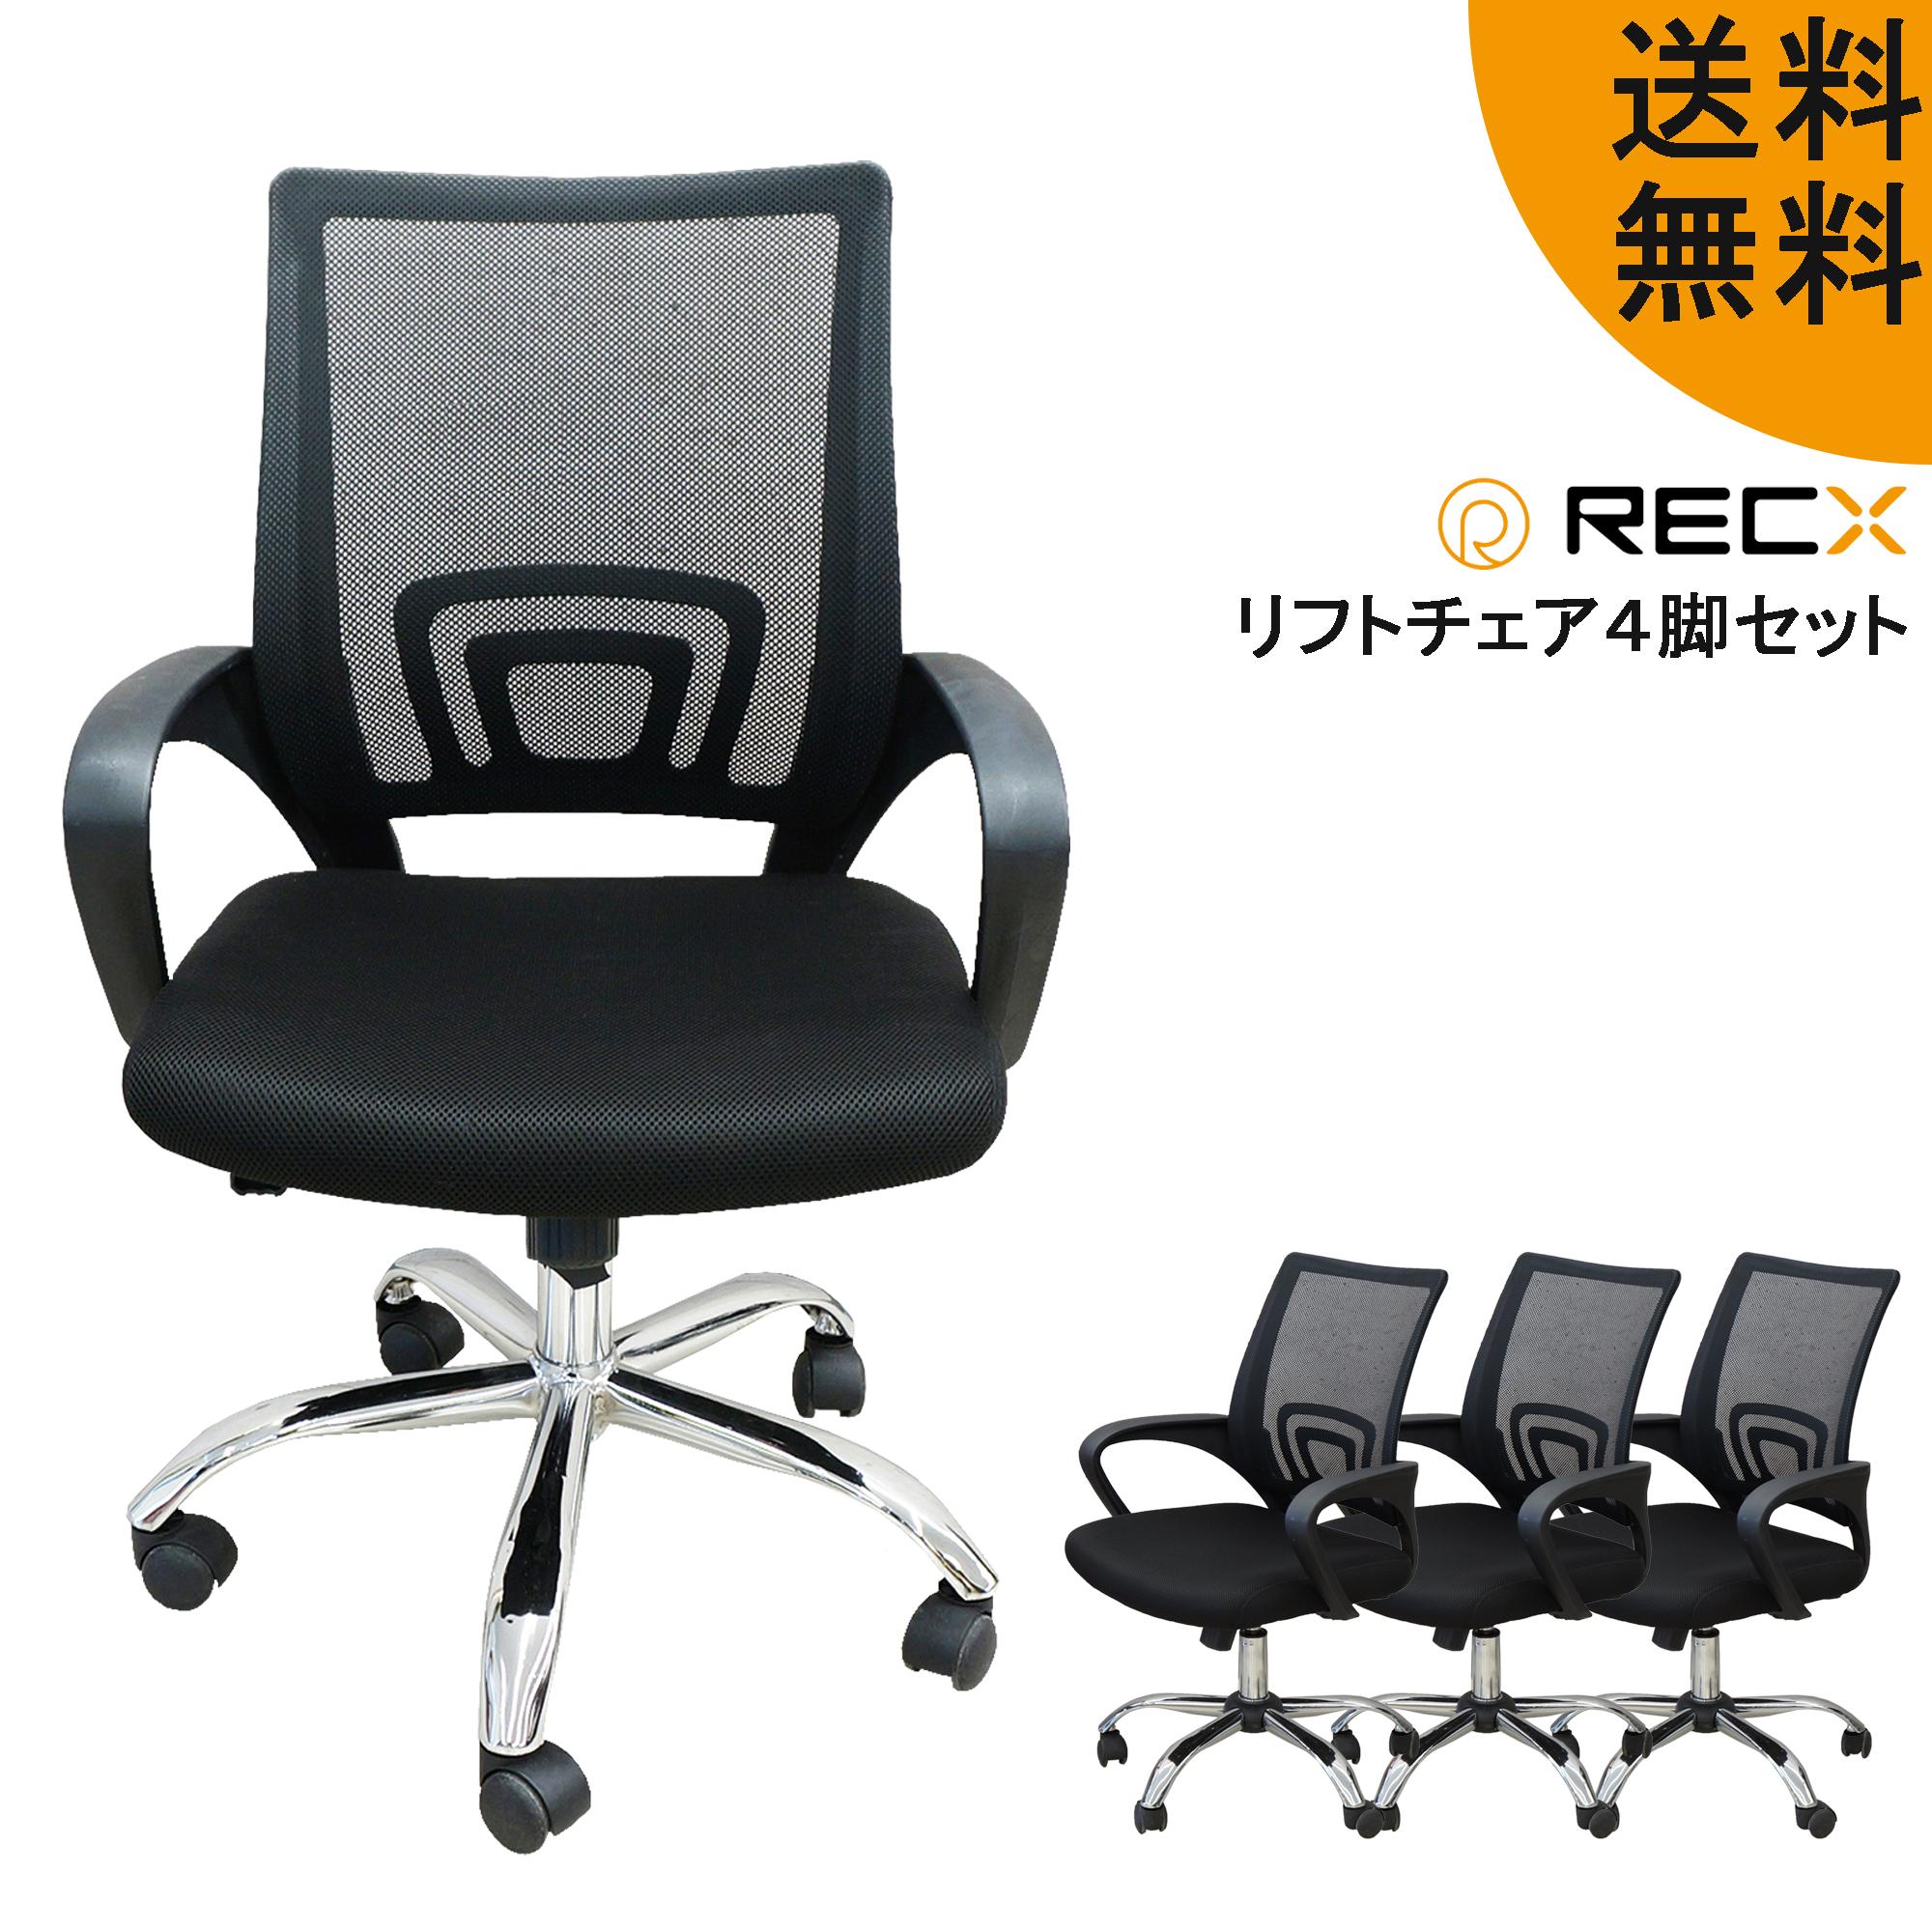 デスク やテーブルタイプの 麻雀卓 と一緒に使用もできる オフィスチェア です リフトチェア 4脚 セット 【 送料無料 】デスク オフィスチェア 麻雀 椅子 【 在庫あり 】